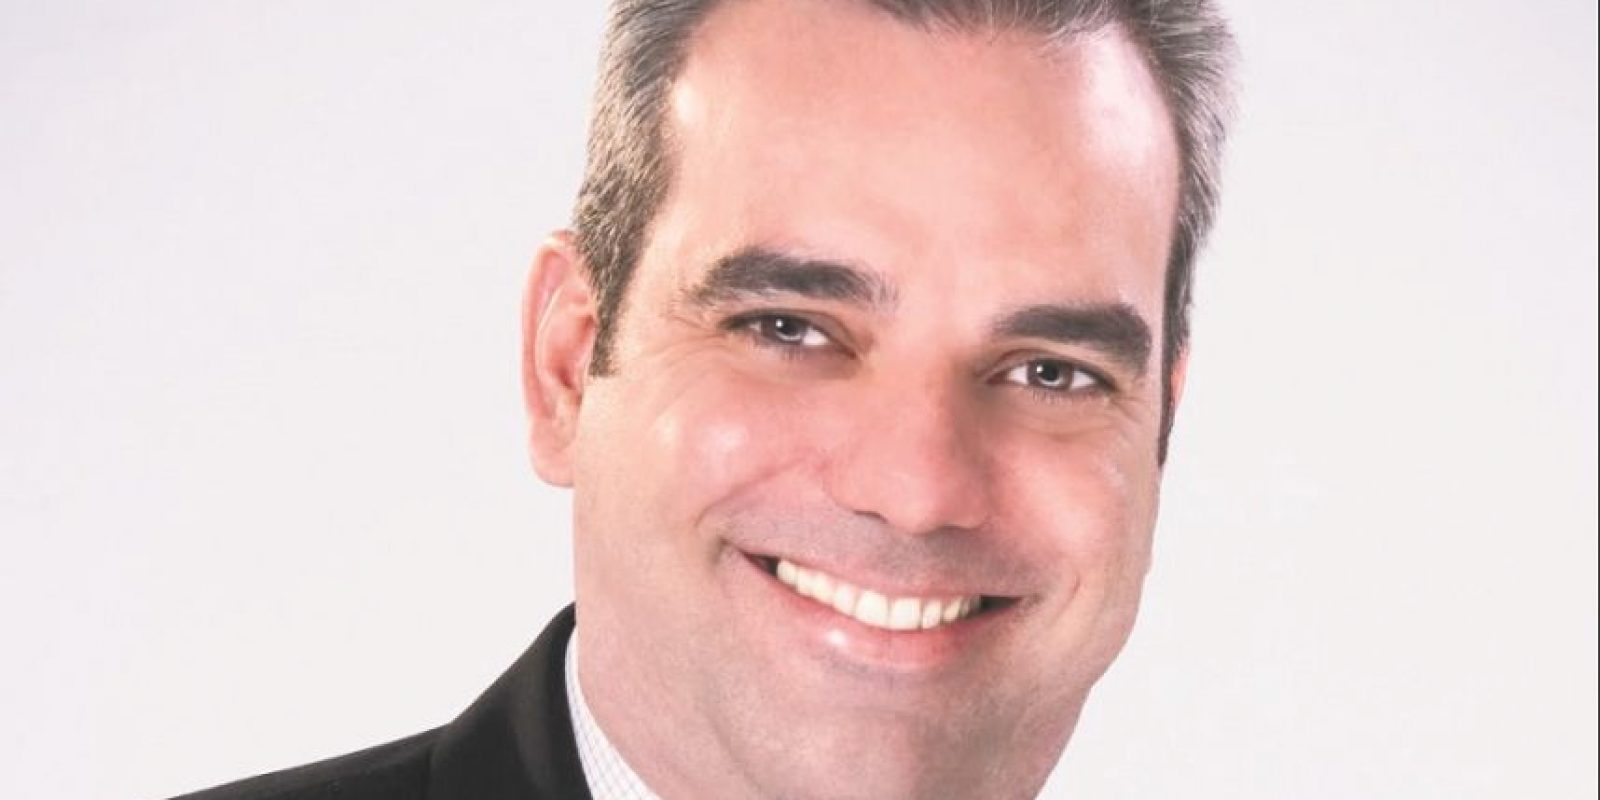 """Reacción. """"El presidente Pastrana acaba de confirmar en la OEA todas las irregularidades denunciadas por nosotros en RD""""Luis Abinader, ex candidato presidencial Foto:Fuente externa"""